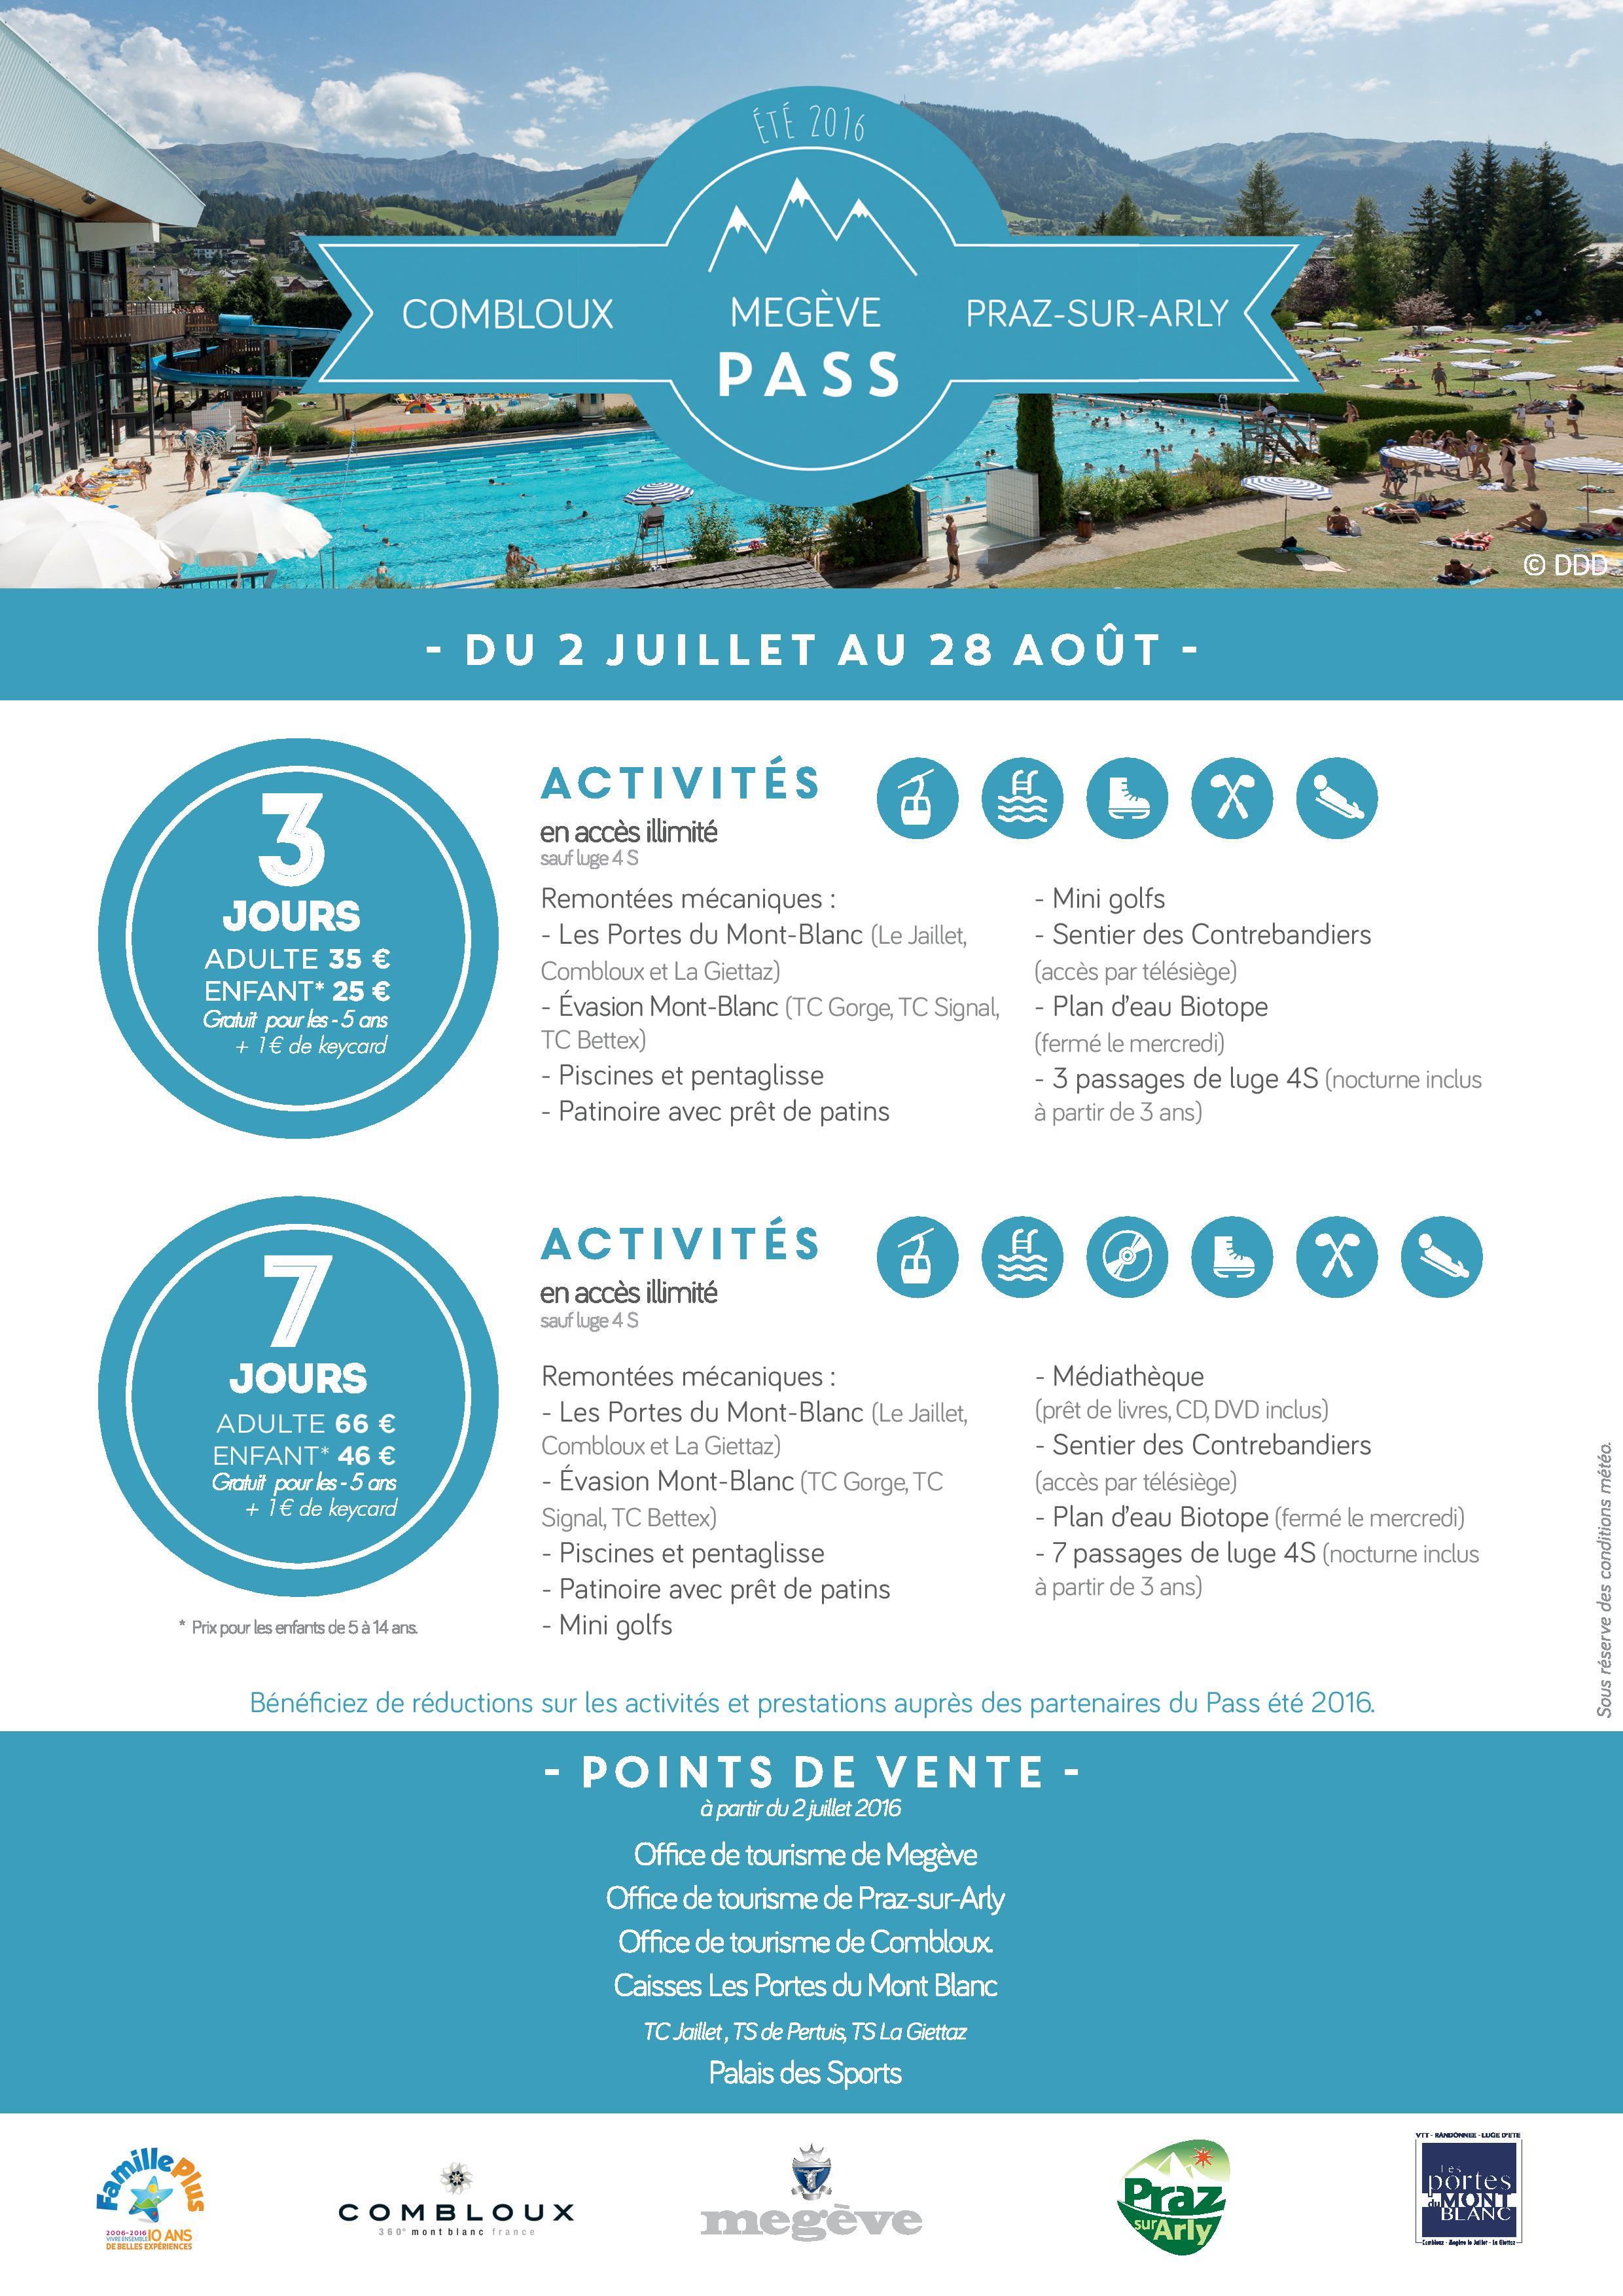 Le combloux megeve praz sur arly pass office de tourisme de praz sur arly - Office de tourisme praz sur arly ...